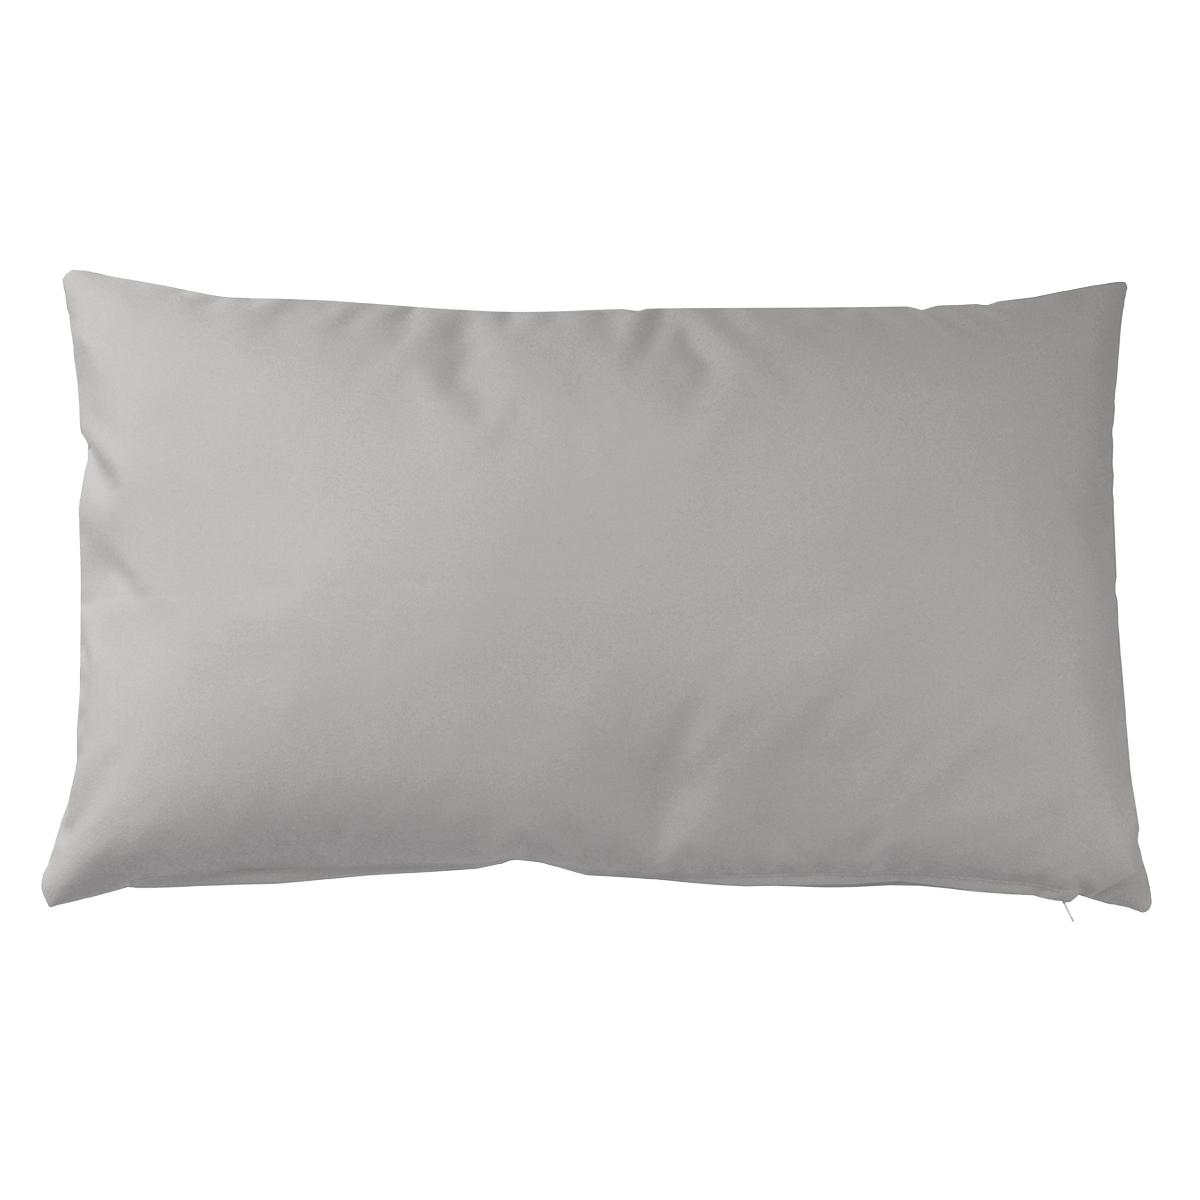 Housse de coussin d'extérieur en tissu outdoor - Gris - 30 x 50 cm